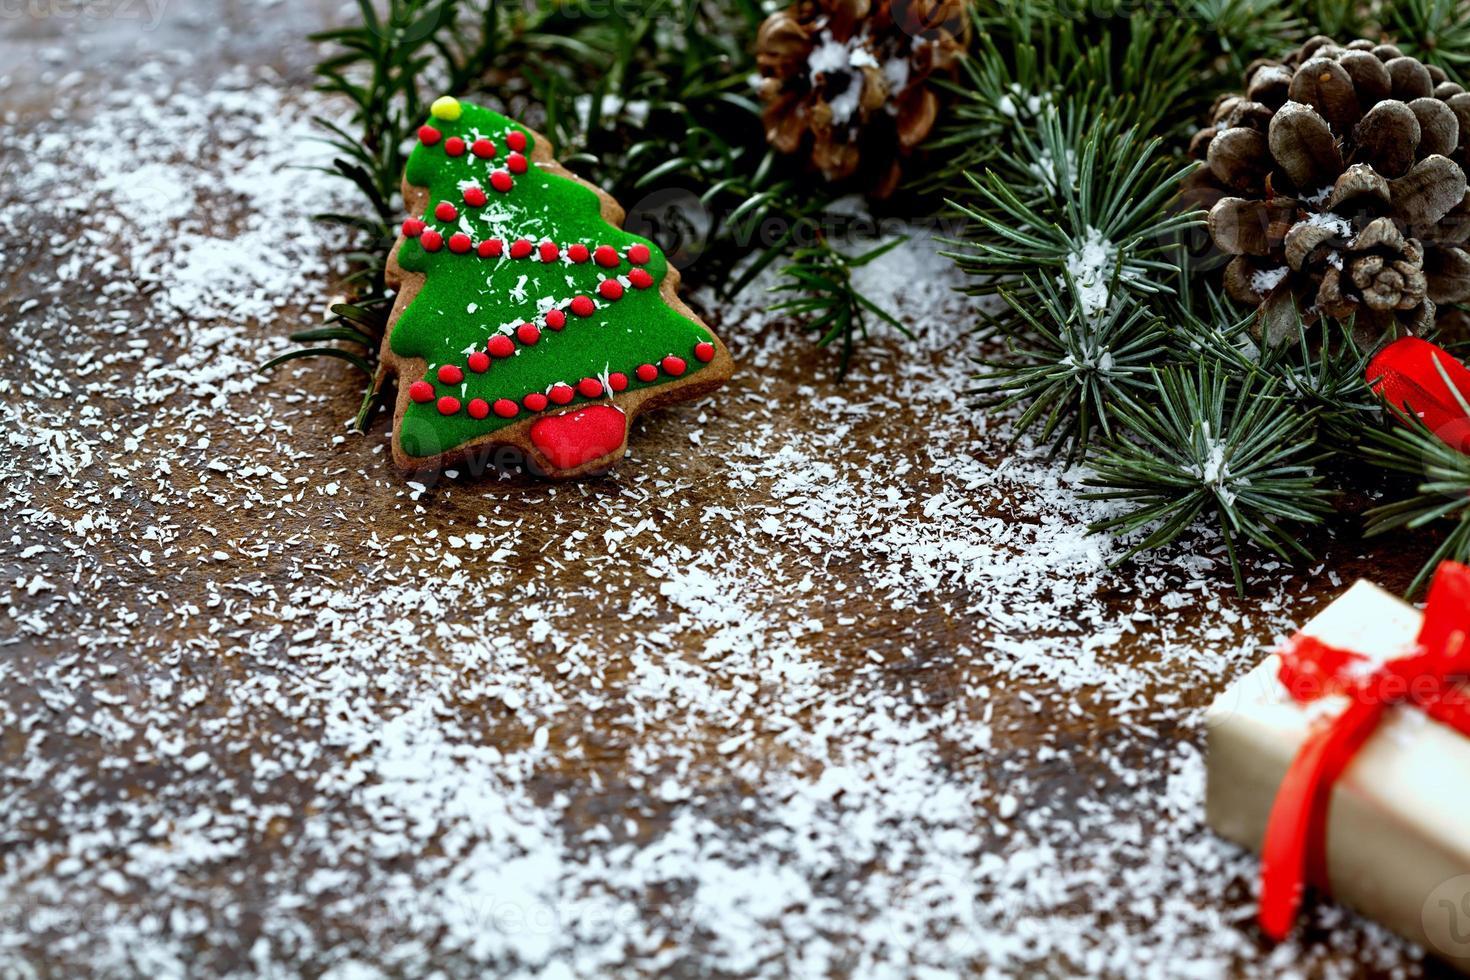 décoration de Noël avec espace copie photo